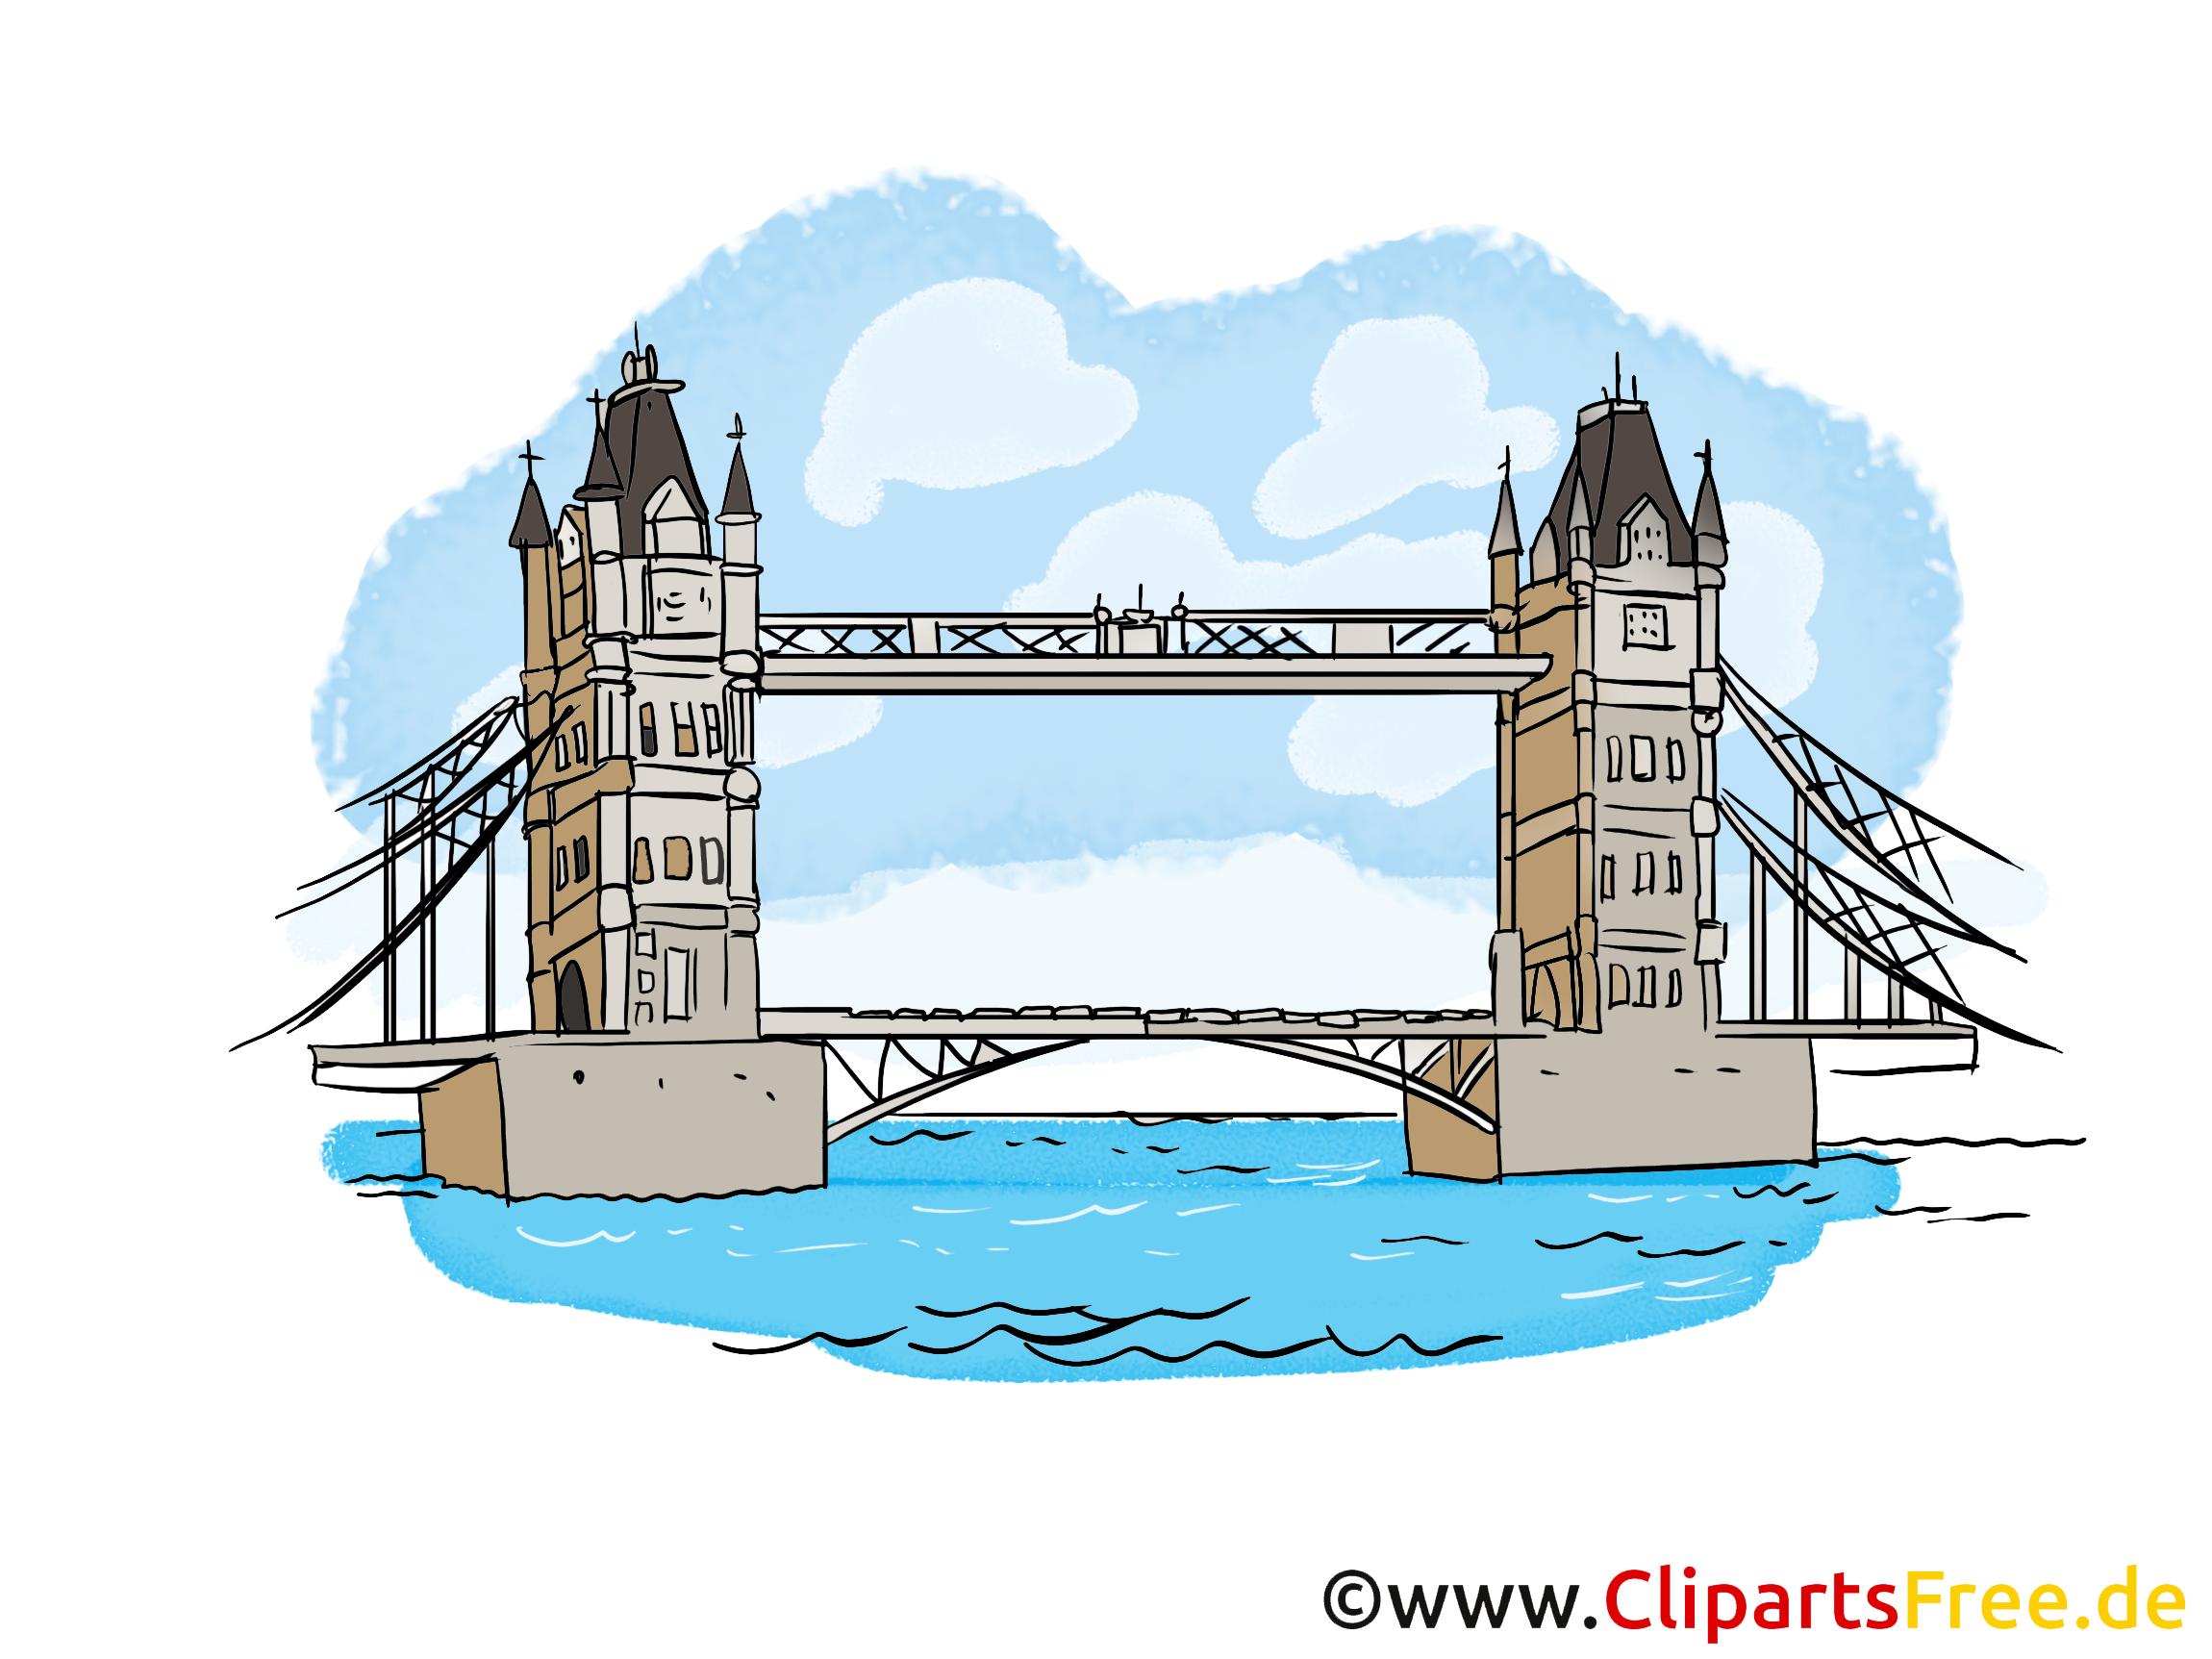 Tower bridge dessin gratuit londres image gratuite - Image de londres a imprimer gratuit ...